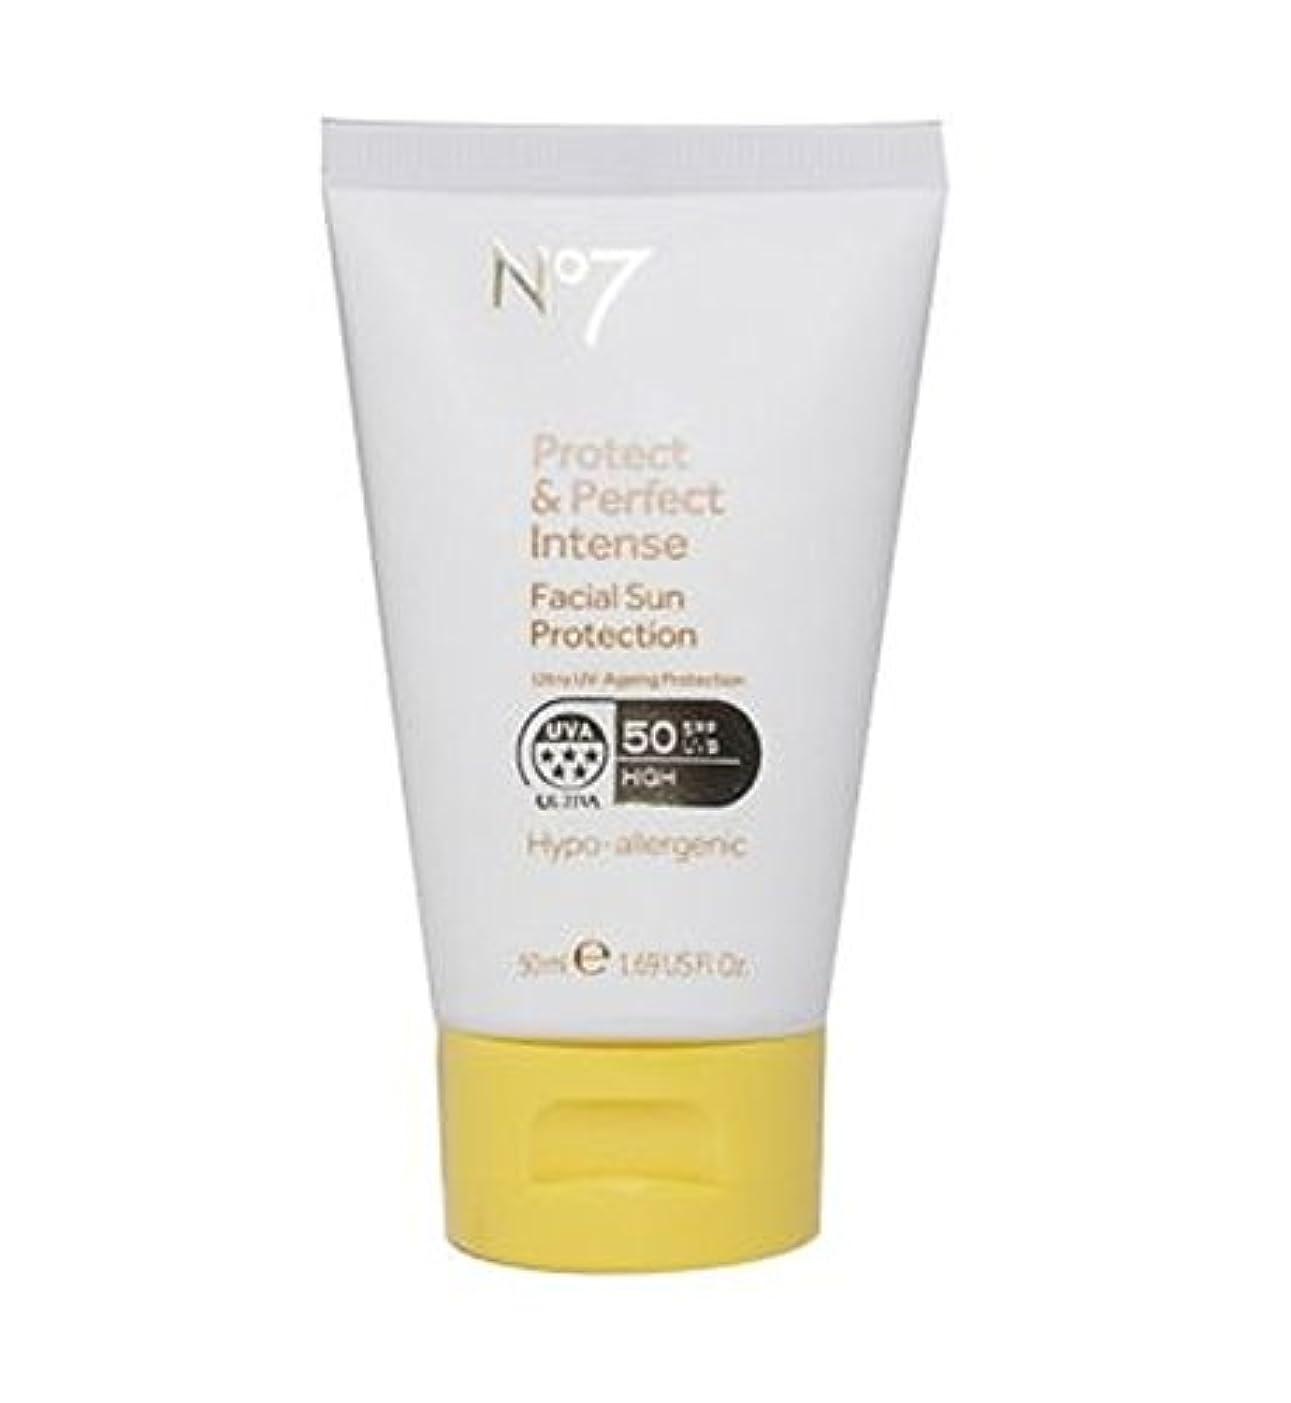 無傷推論スキムNo7保護&完璧な強烈な顔の日焼け防止Spf 50 50ミリリットル (No7) (x2) - No7 Protect & Perfect Intense Facial Sun Protection SPF 50 50ml...